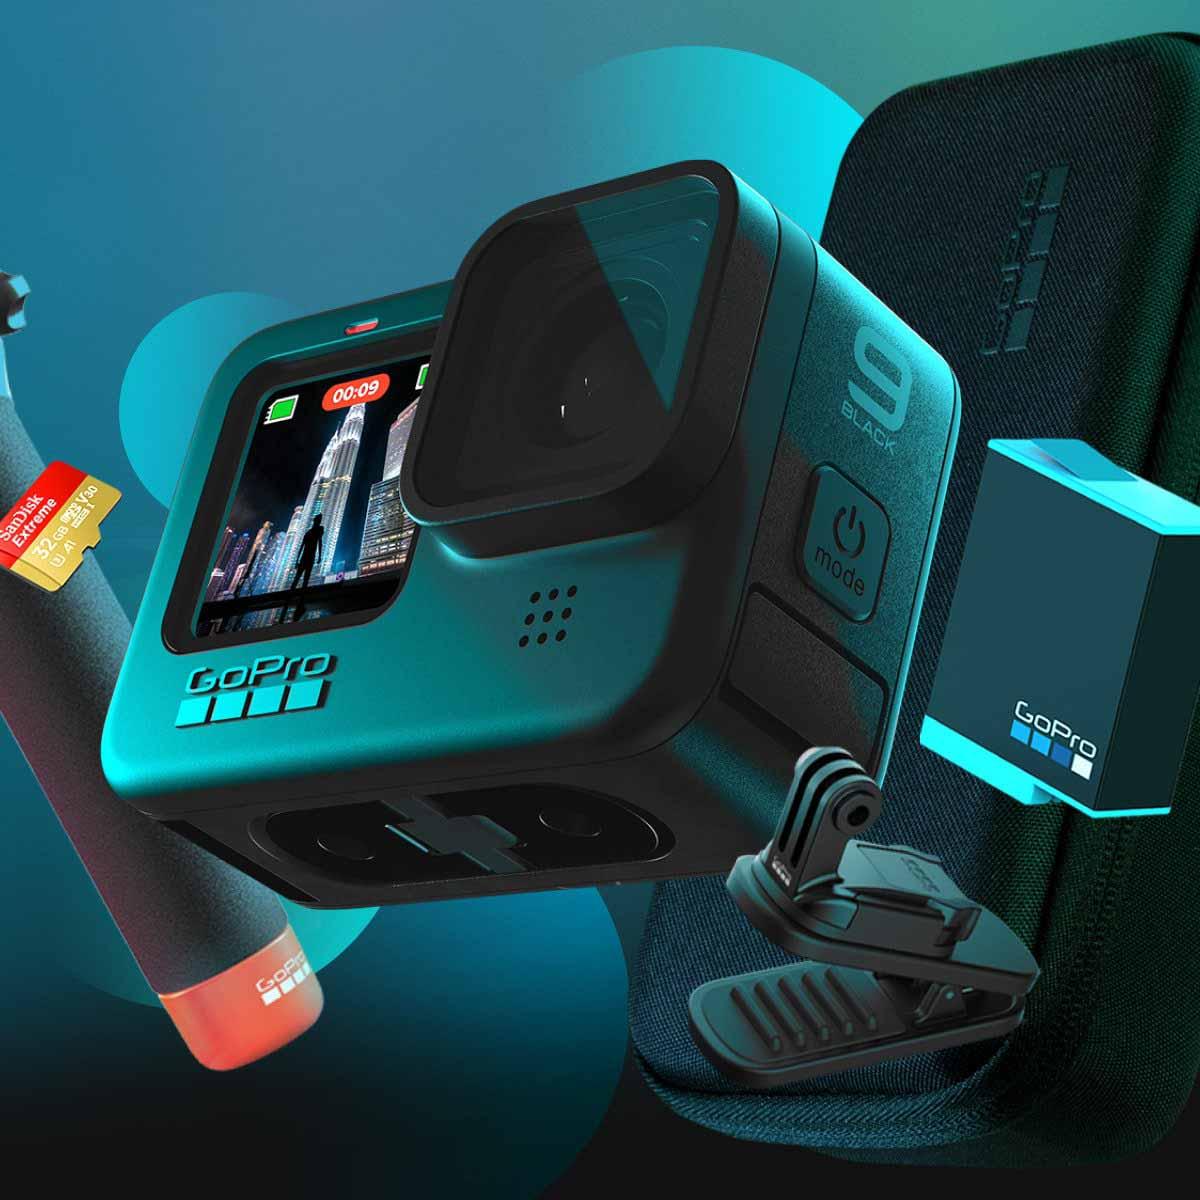 GoPro HERO 9 Black обзор экшн-камеры